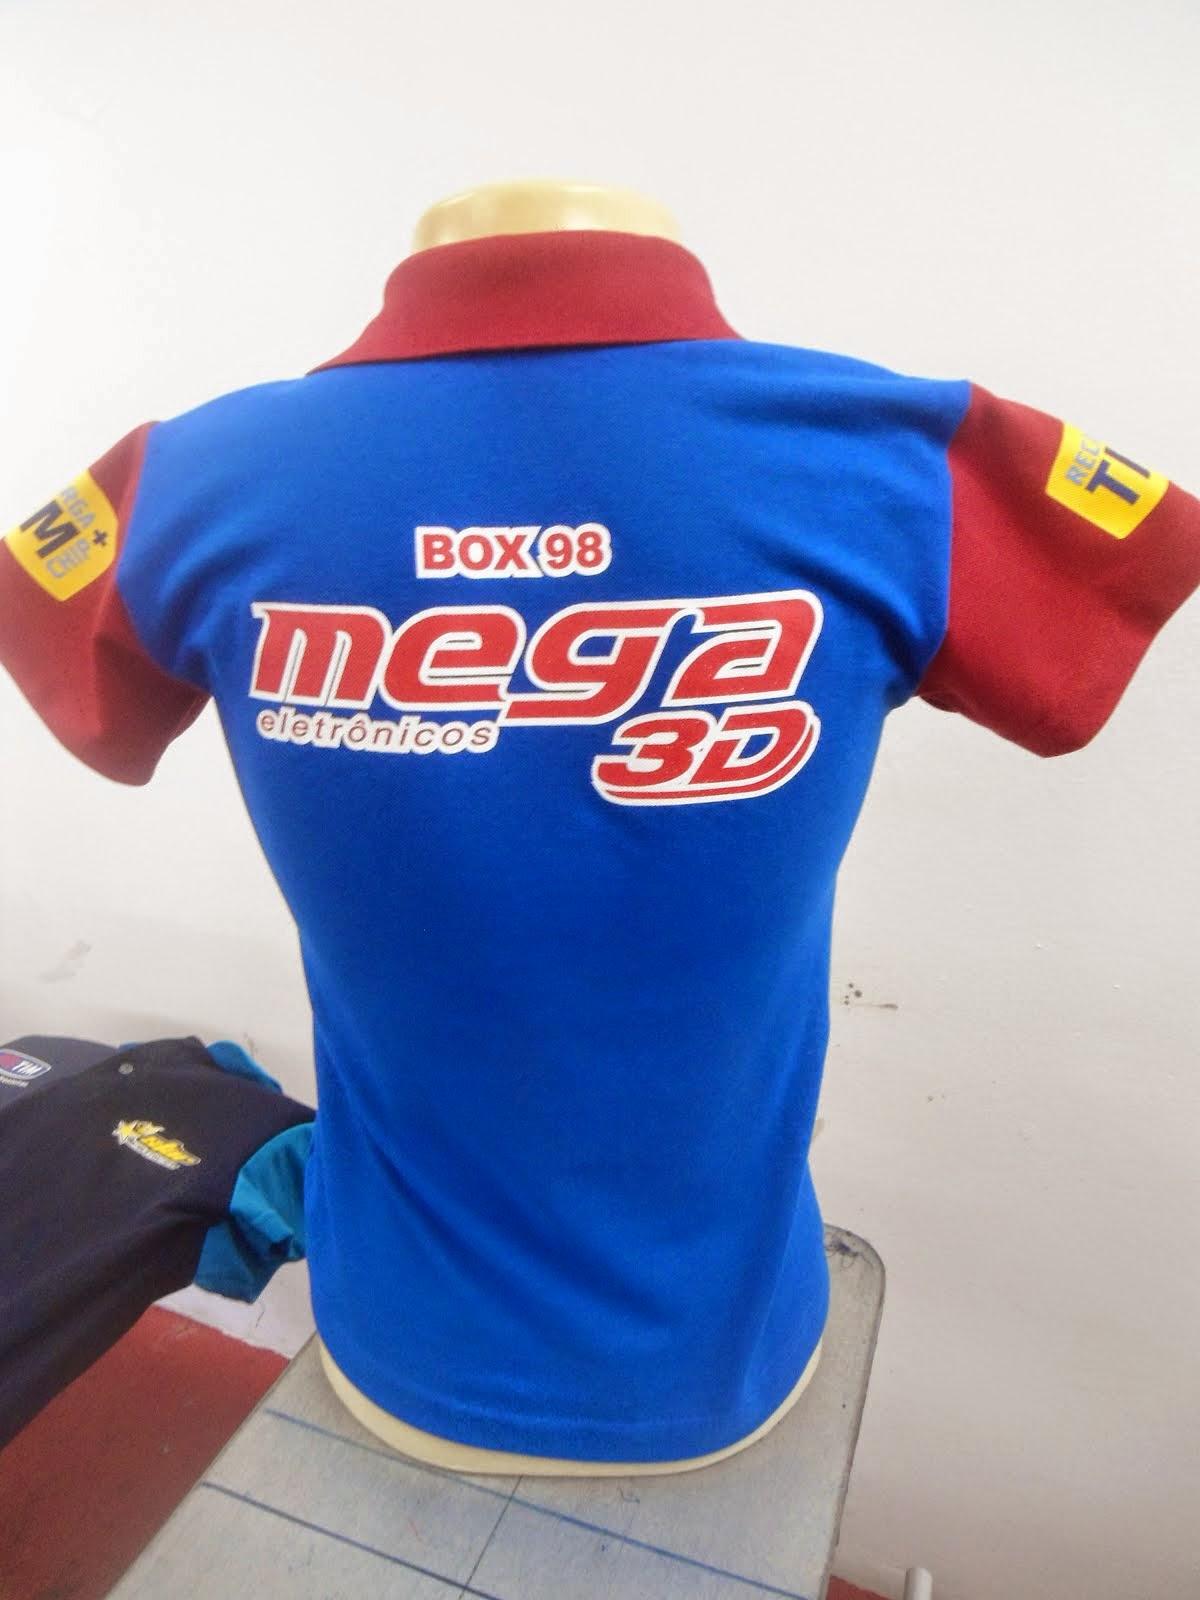 MEGA 3D